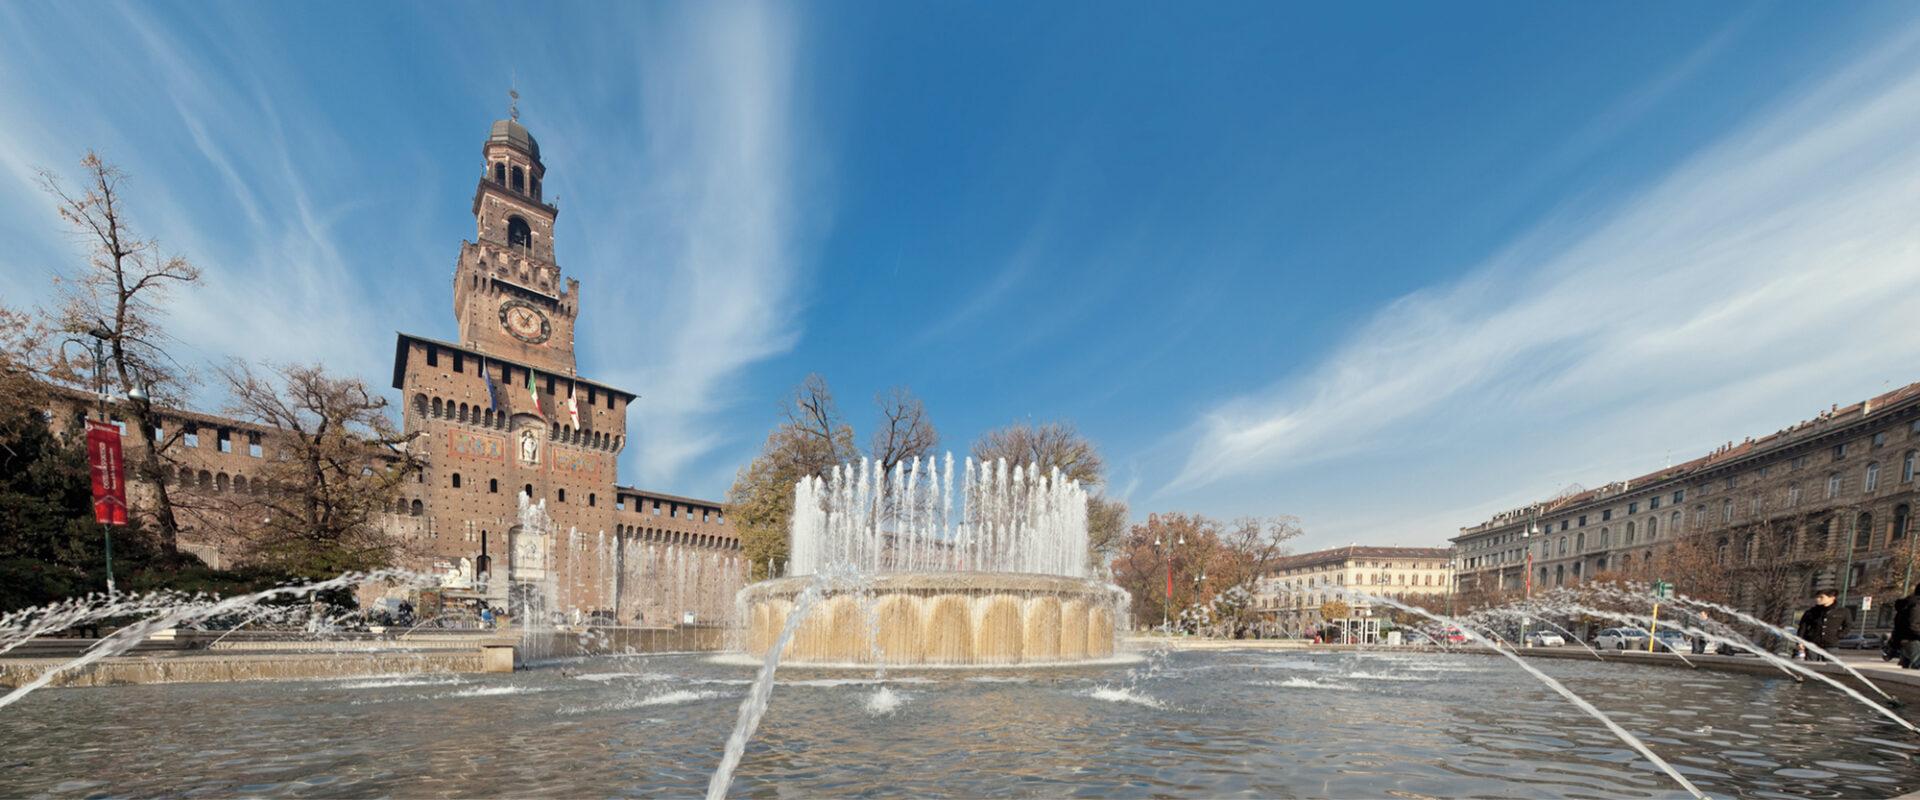 Foto Castello Sforzesco Milano - Cittamoderna